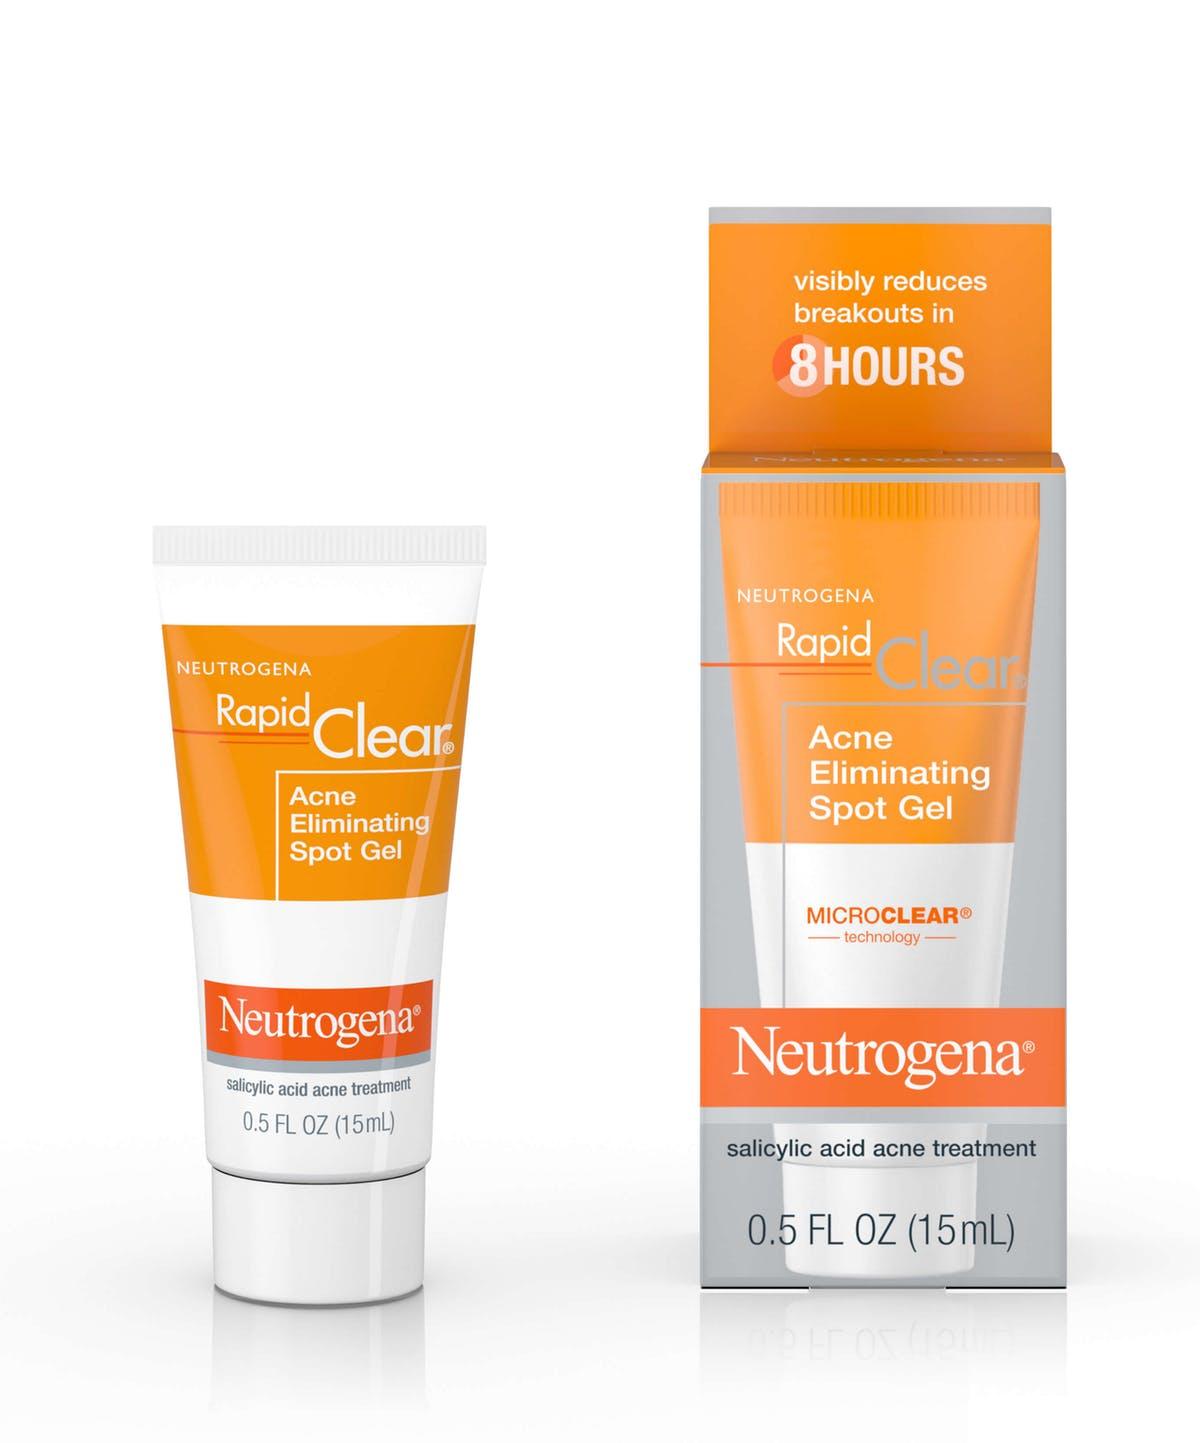 Neutrogena Rapid Clear Salicylic Acid Acne Treatment With Witch